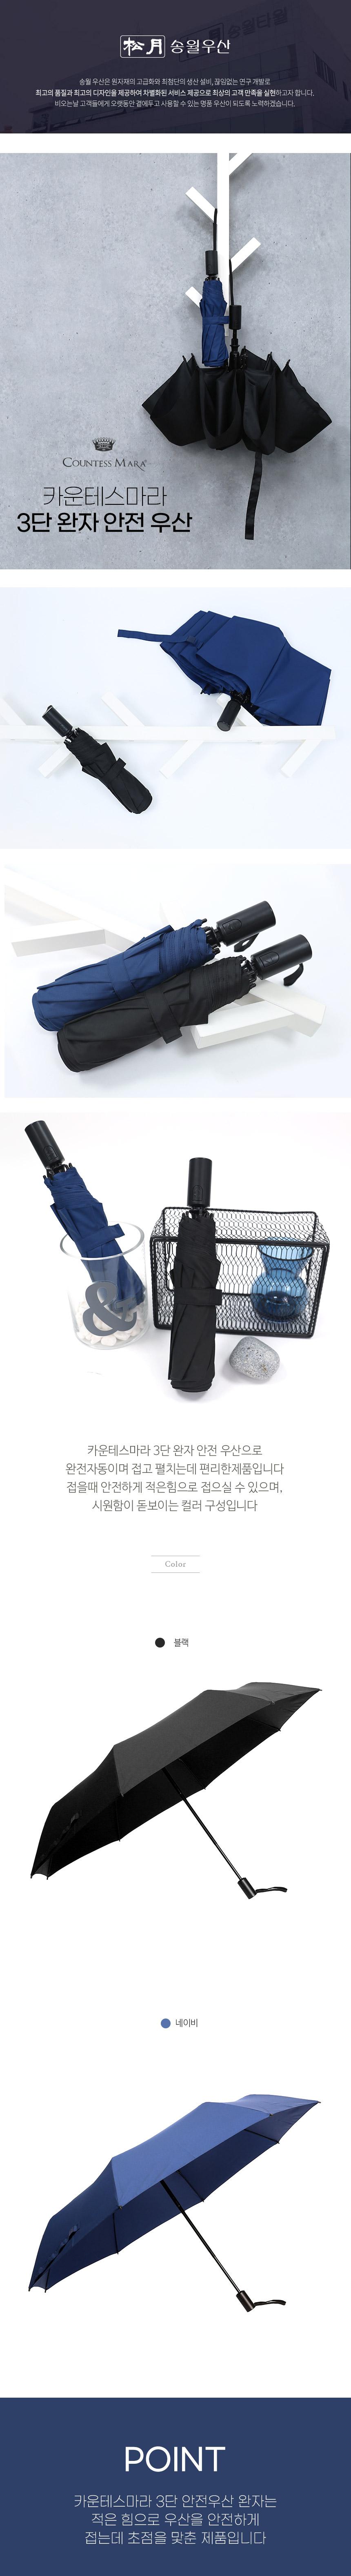 카운테스마라 완자 안전우산 [58x8K] - 송월타올, 18,700원, 우산, 자동3단/5단우산